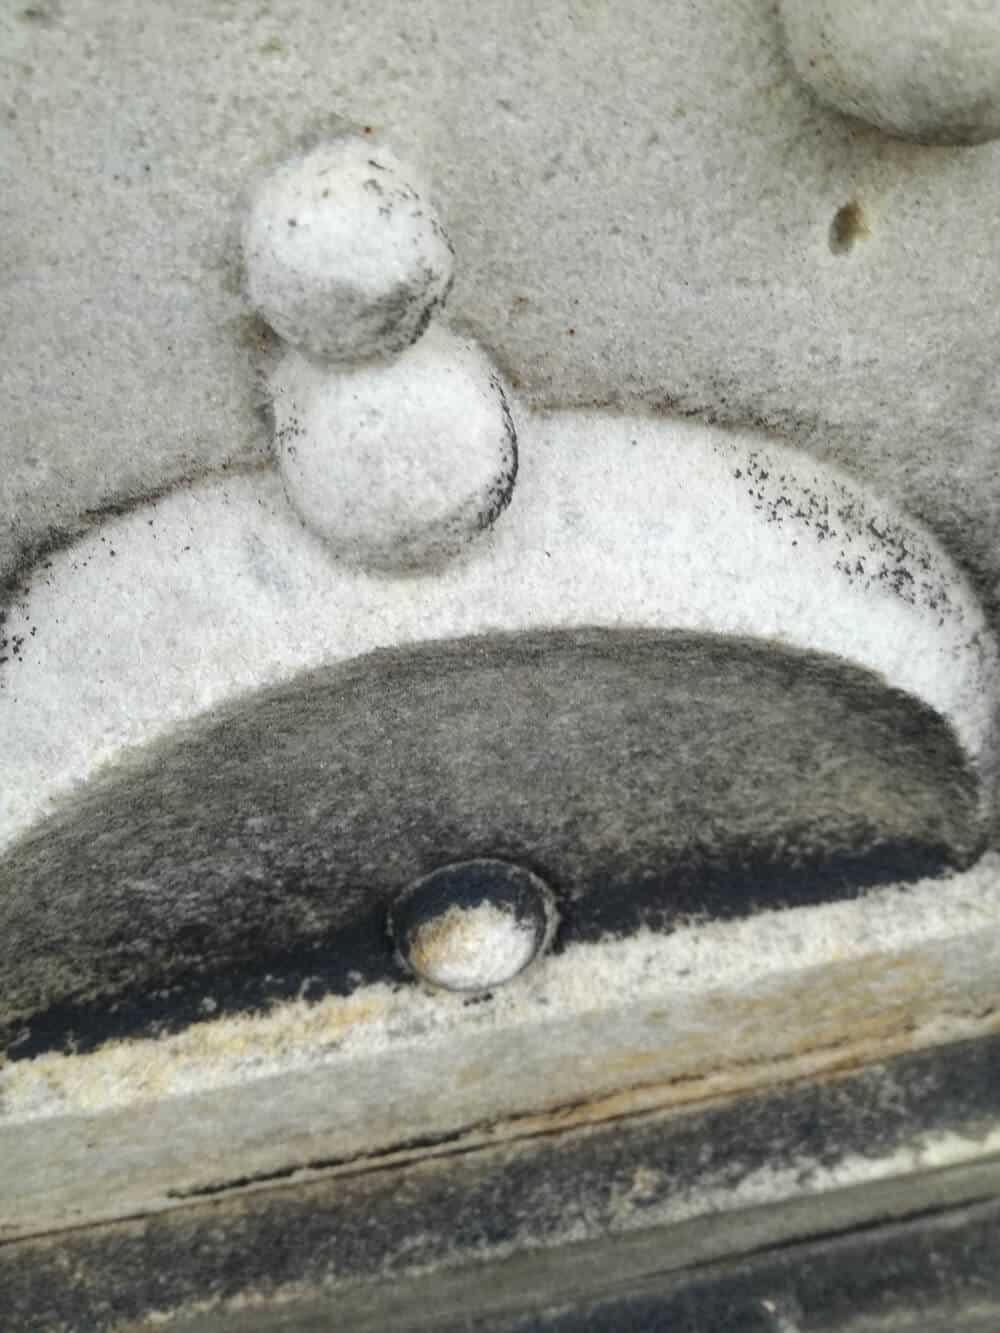 czyszczenie piaskowca - elementy zaokrąglone, z ornamentami